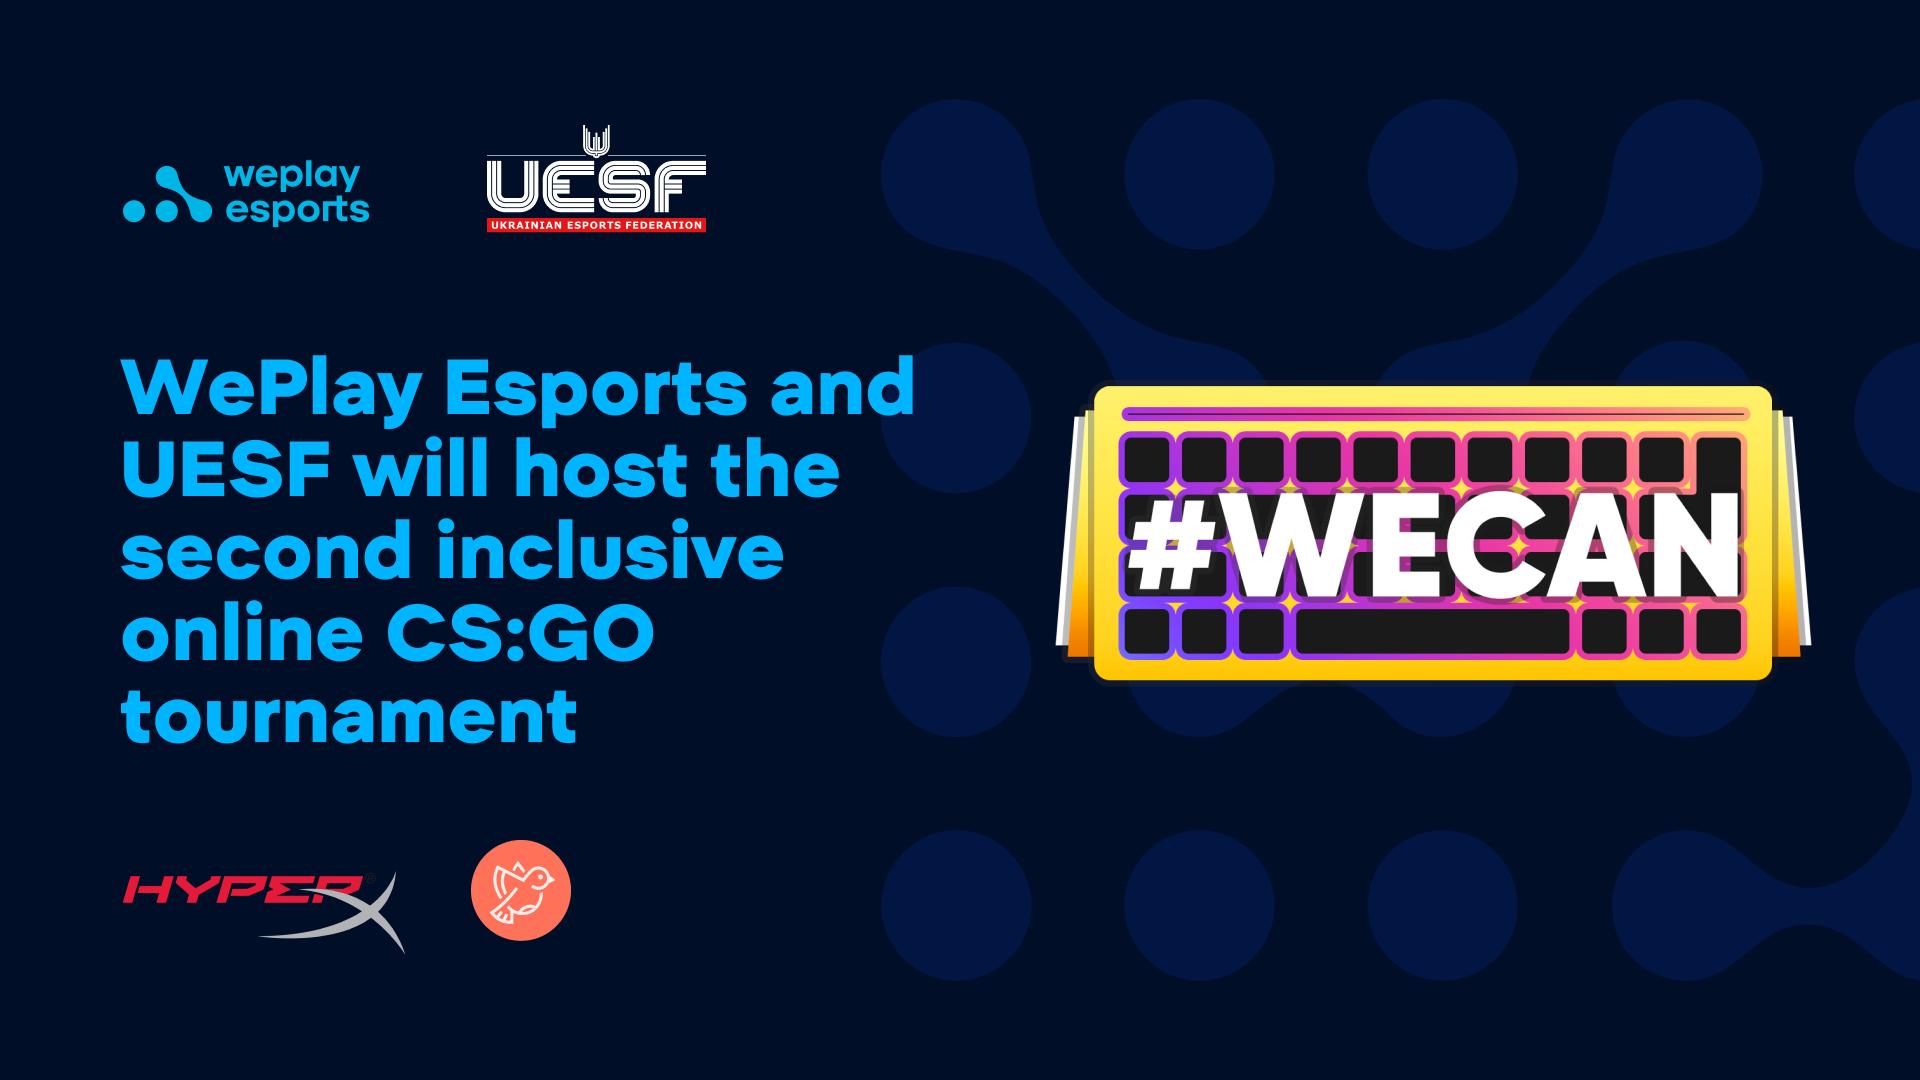 A WePlay Esports e a USEF sediarão o segundo torneio inclusivo de CS:GO